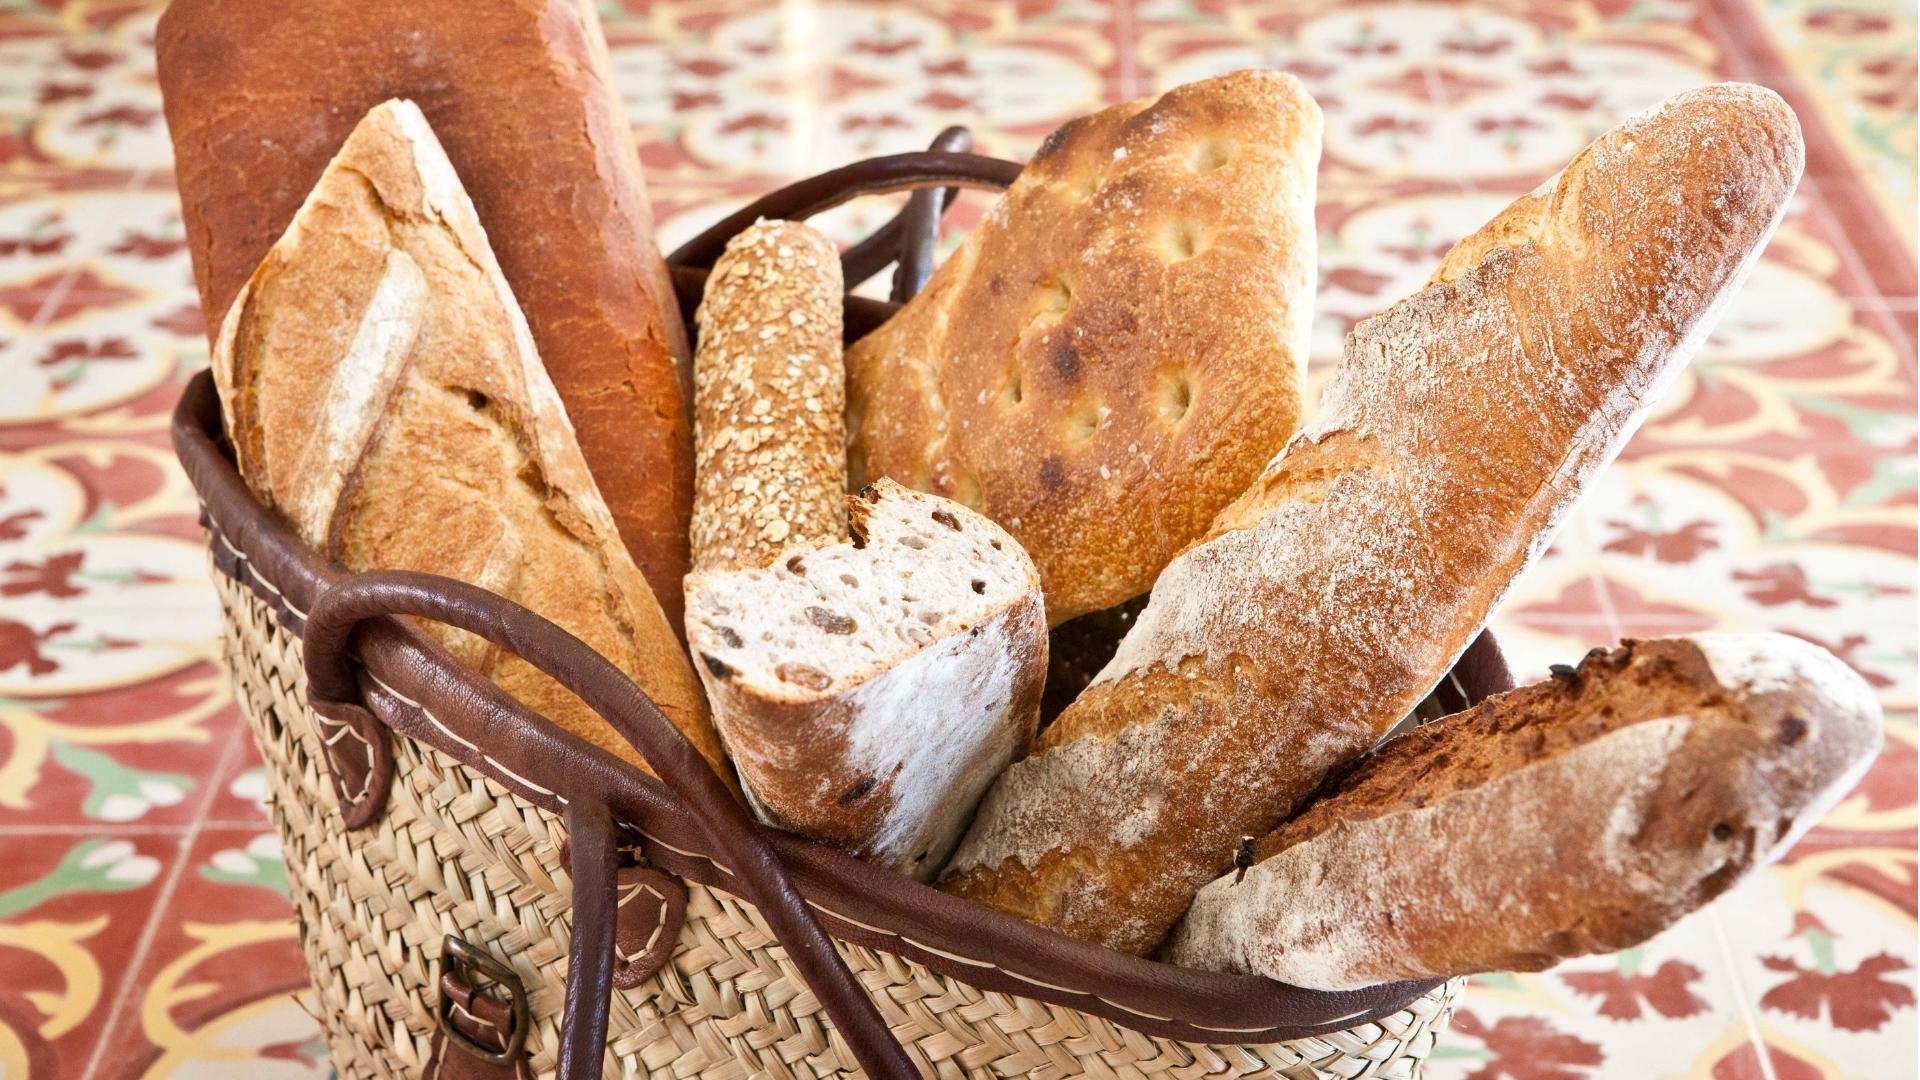 Auf dem gefliesten Boden des Restaurants Olivera im Castell Son Claret steht ein großer Korb mit verschiedenen Broten und Baguettes.